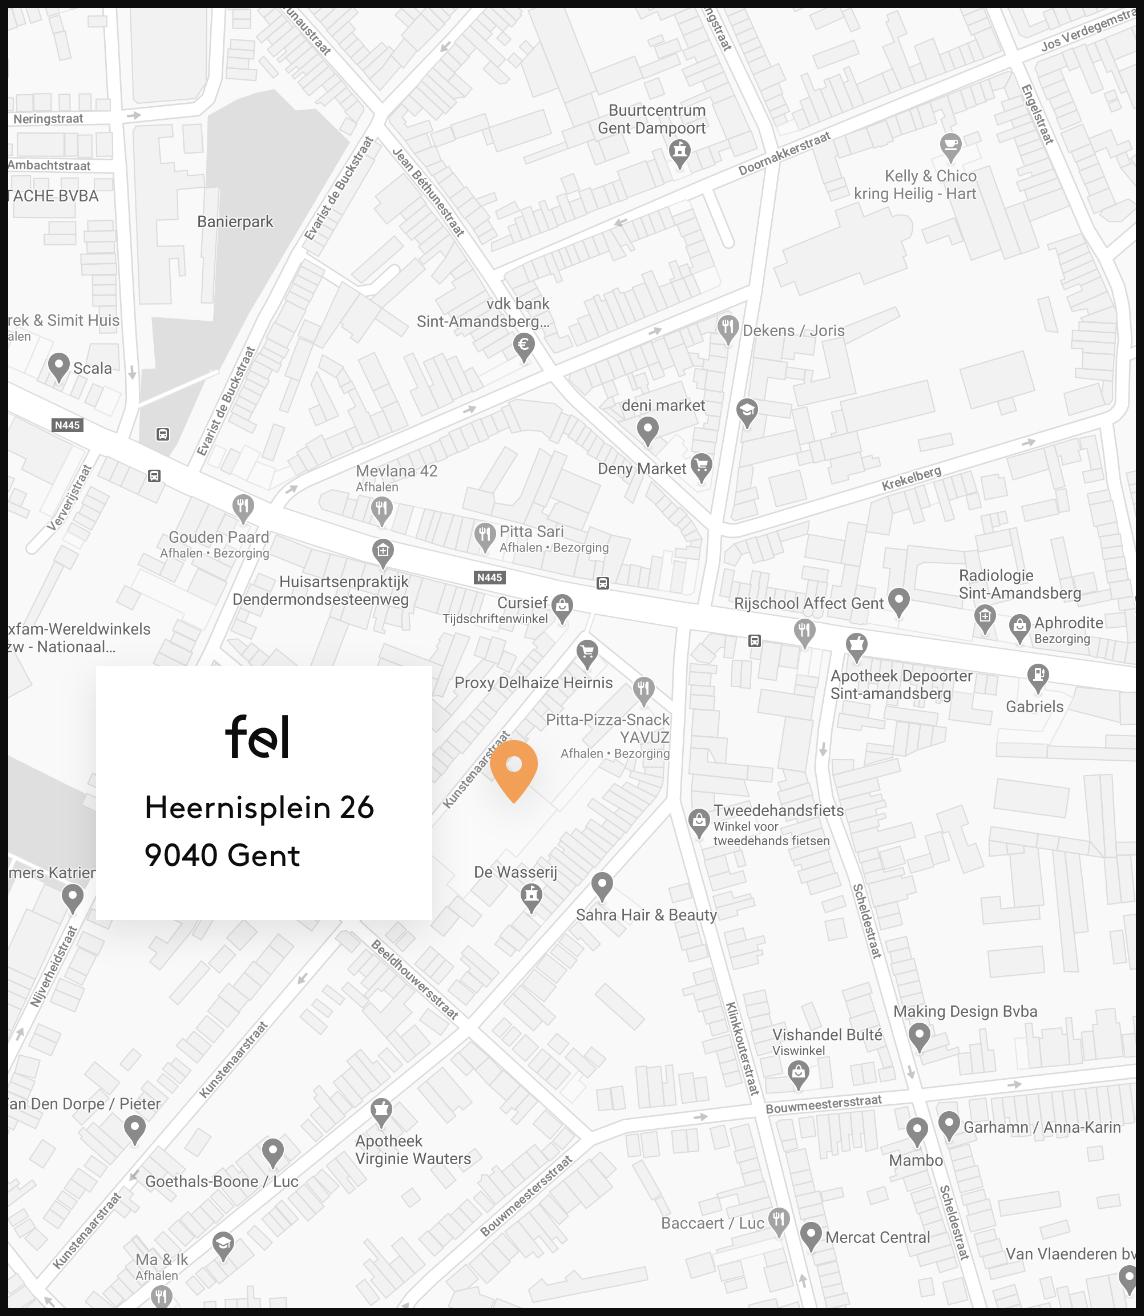 Kaart met locatie van Fel op aangeduid, Heernisplein 26, 9040 Gent